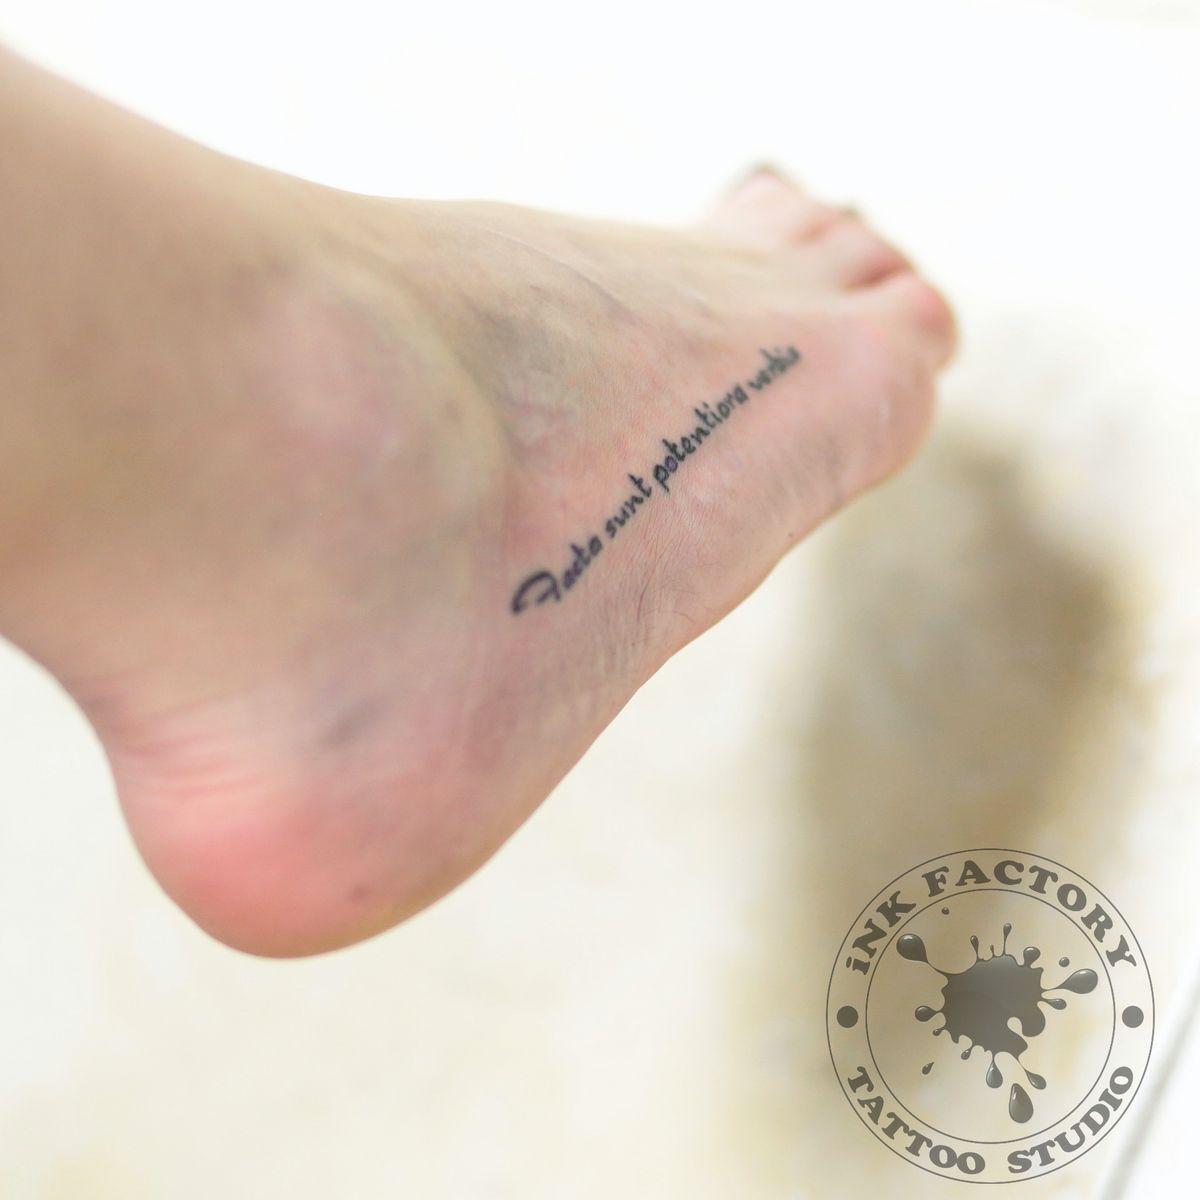 Надпись на ноге